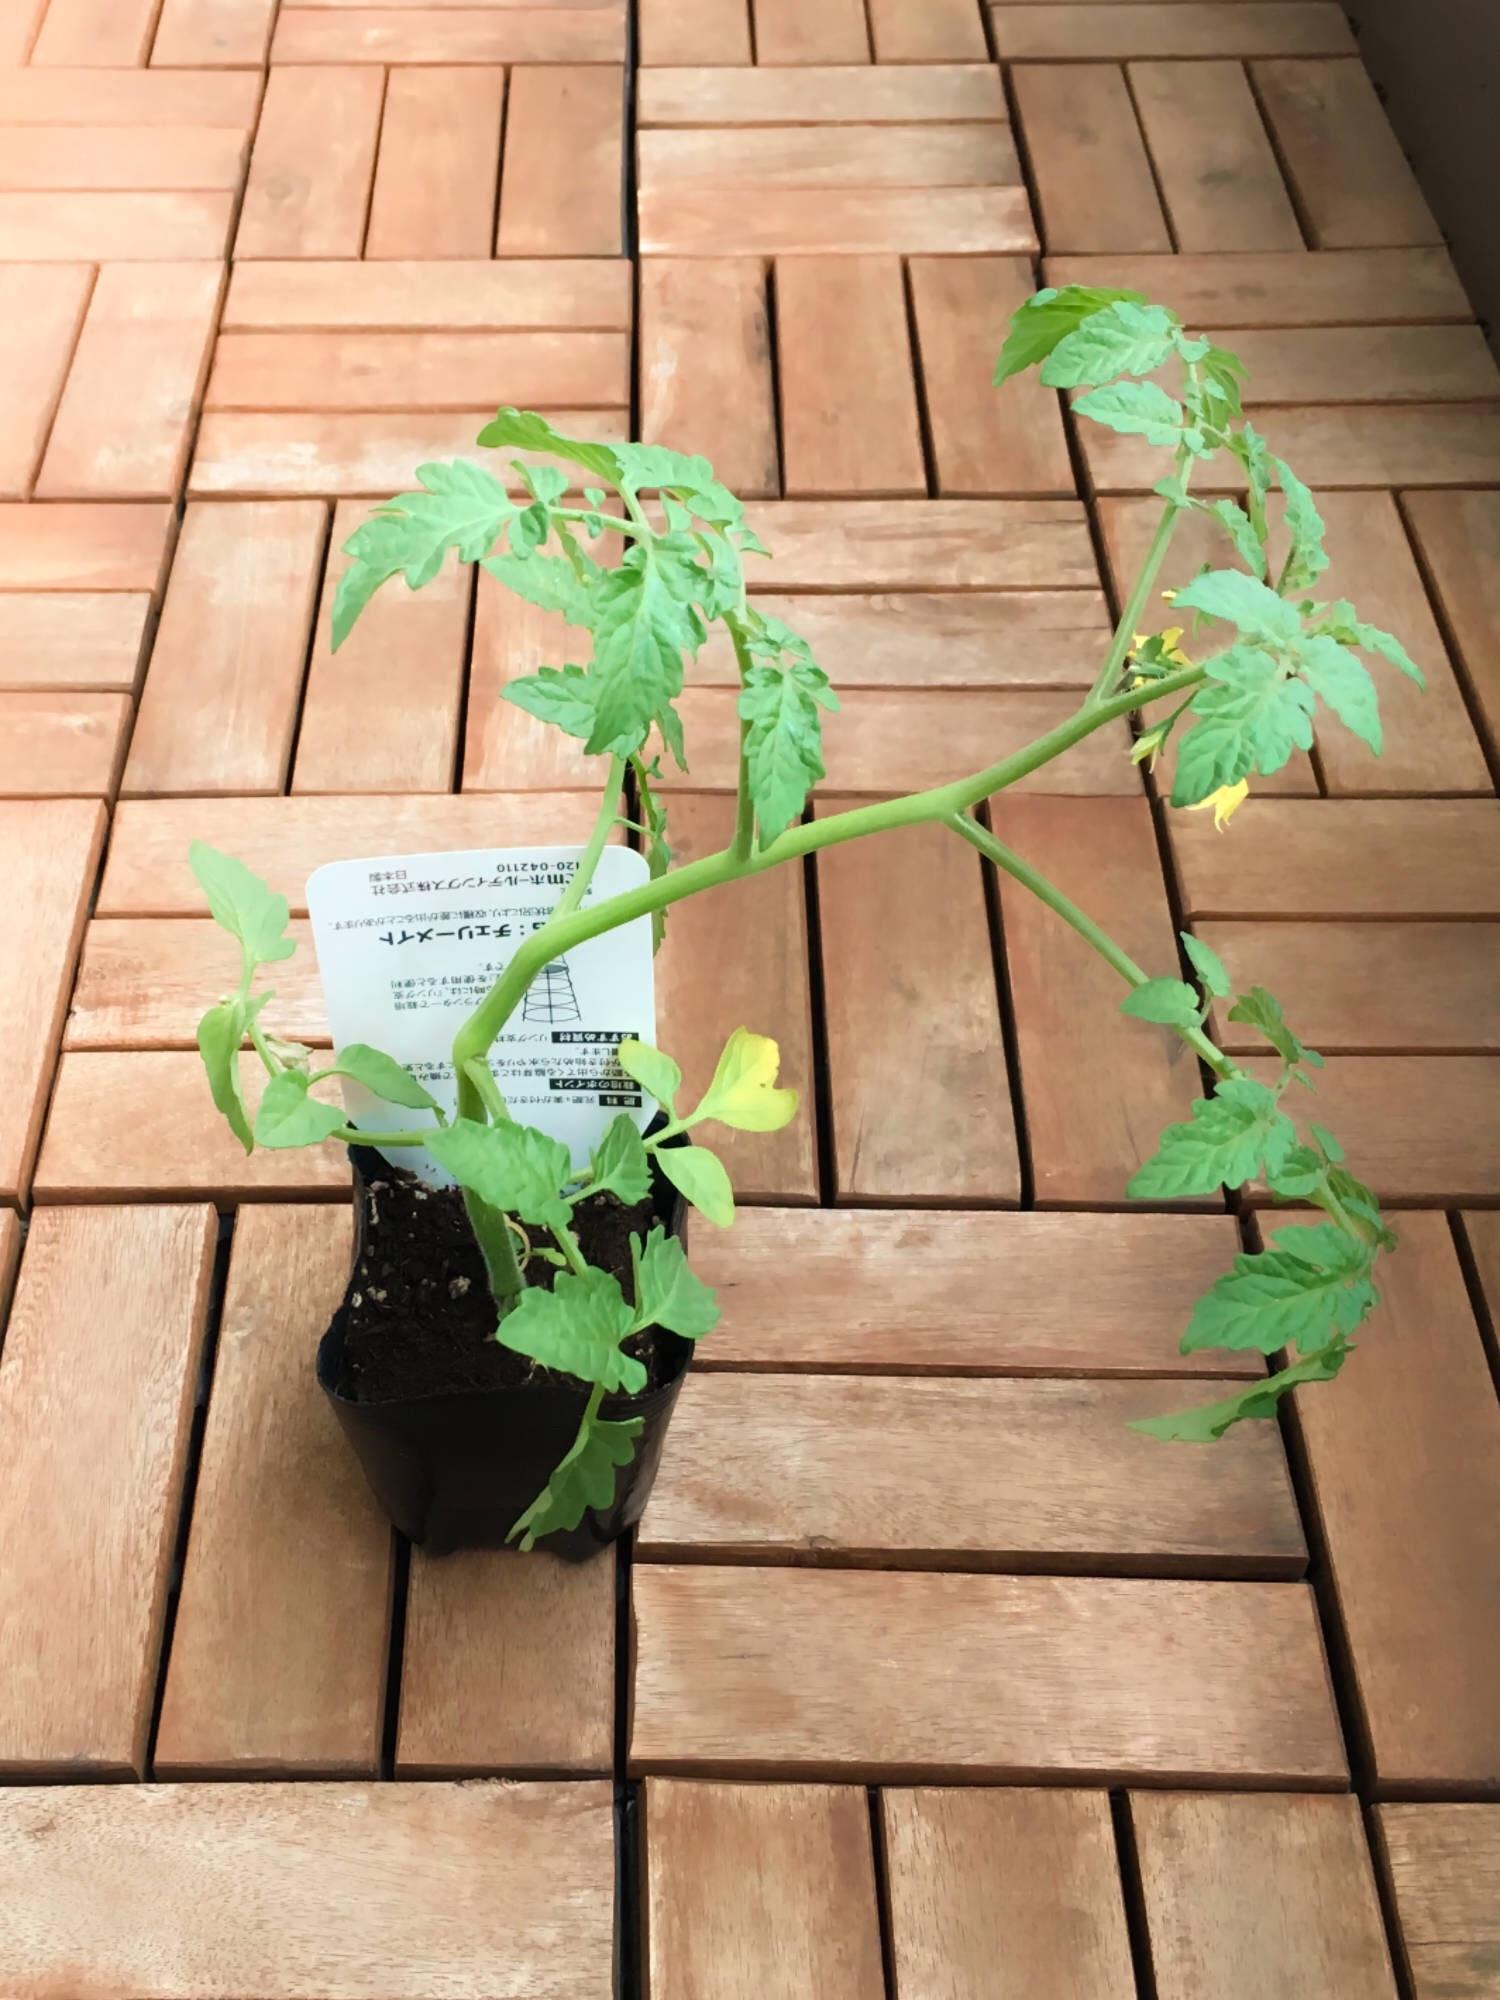 ミニトマトをあんどん仕立てにするためには、ポット苗を寝かせて1日置くことで苗がカーブするので仕立てやすくなる。まる1日倒しておくと90度近い角度で曲がる。